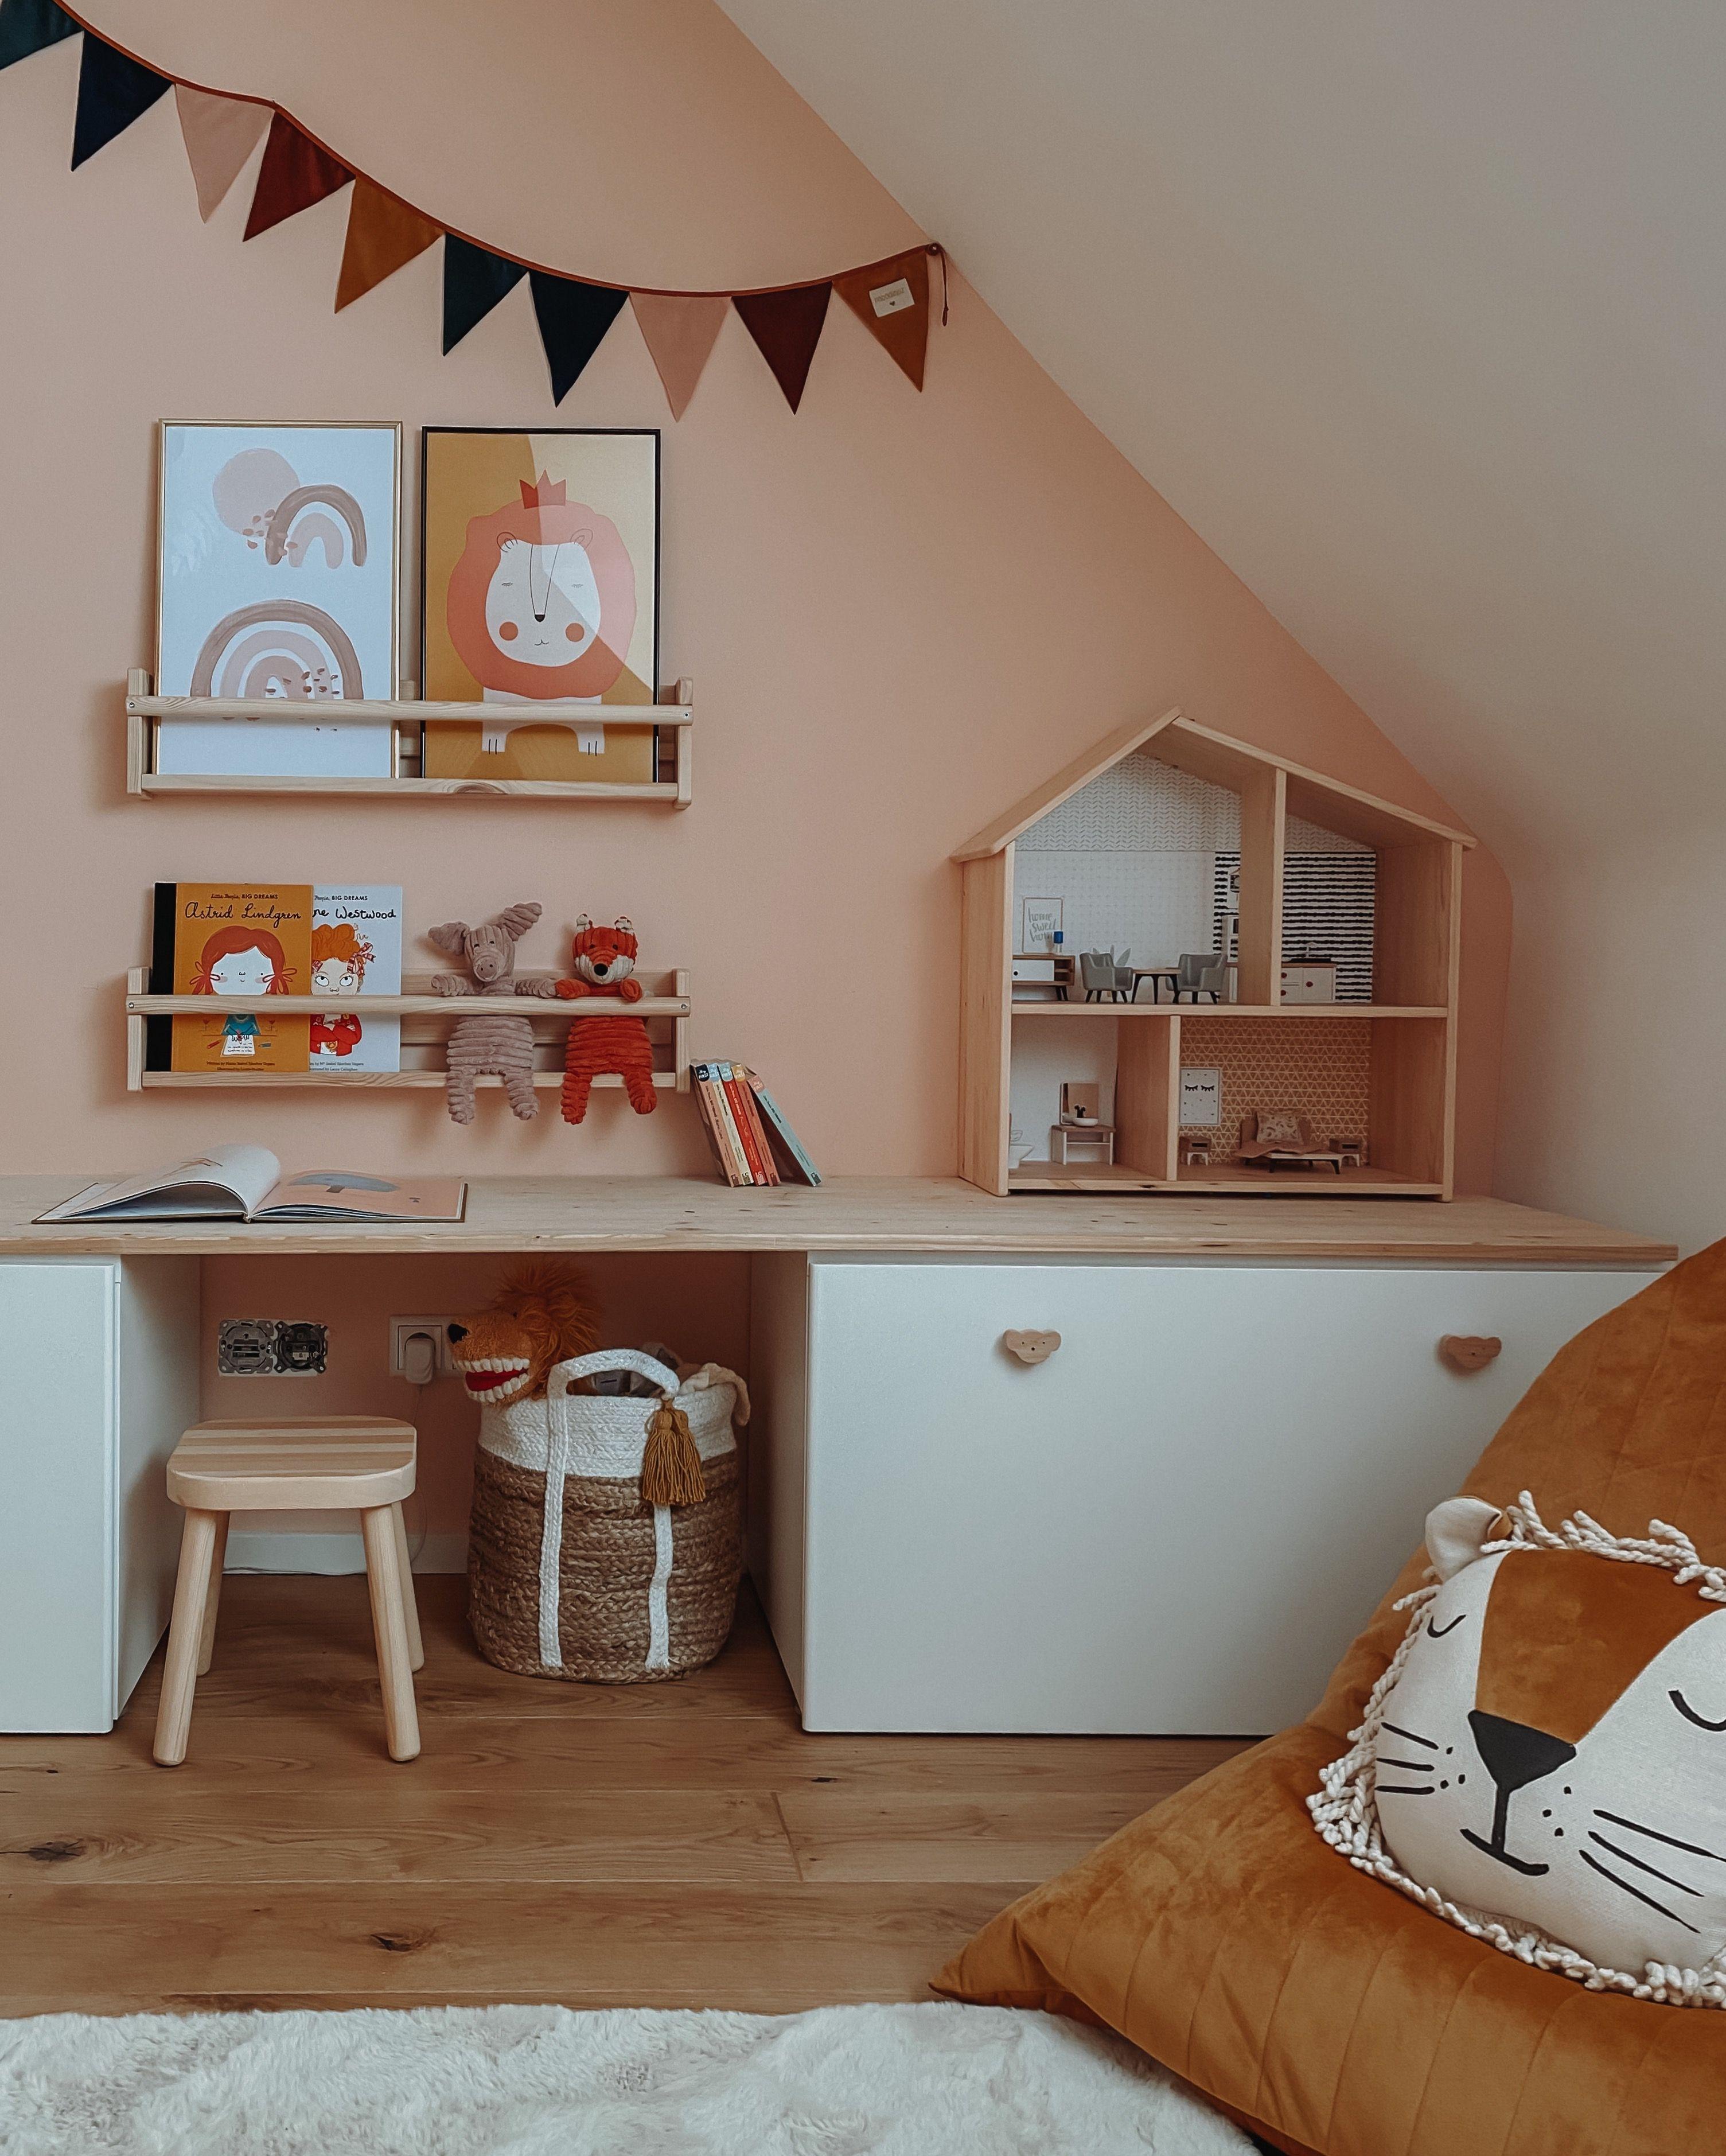 Willkommen in der Villa Kunterbunt. Unser Kinderzimmer zum toben, träumen und kreativ sein.